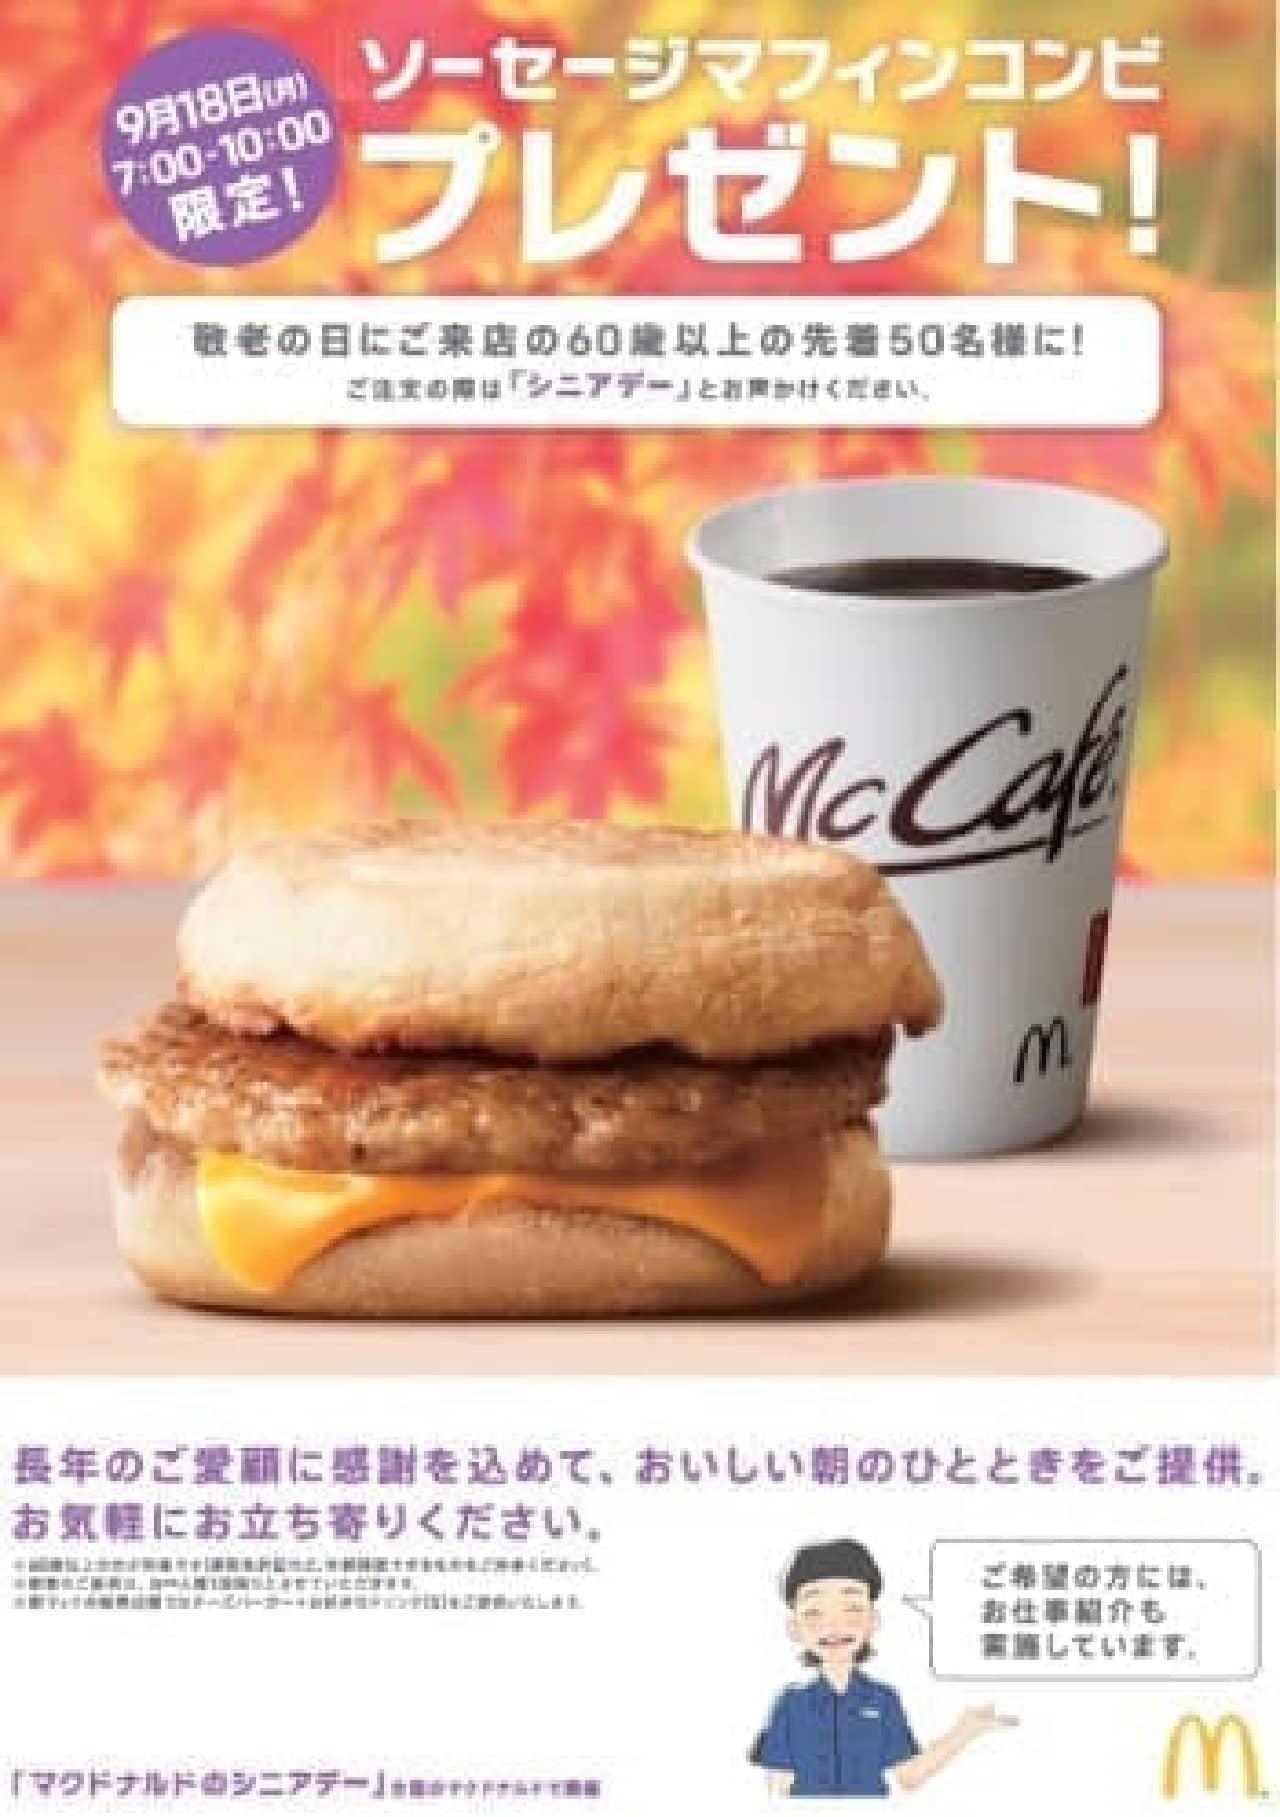 マクドナルド「敬老の日」特別キャンペーン